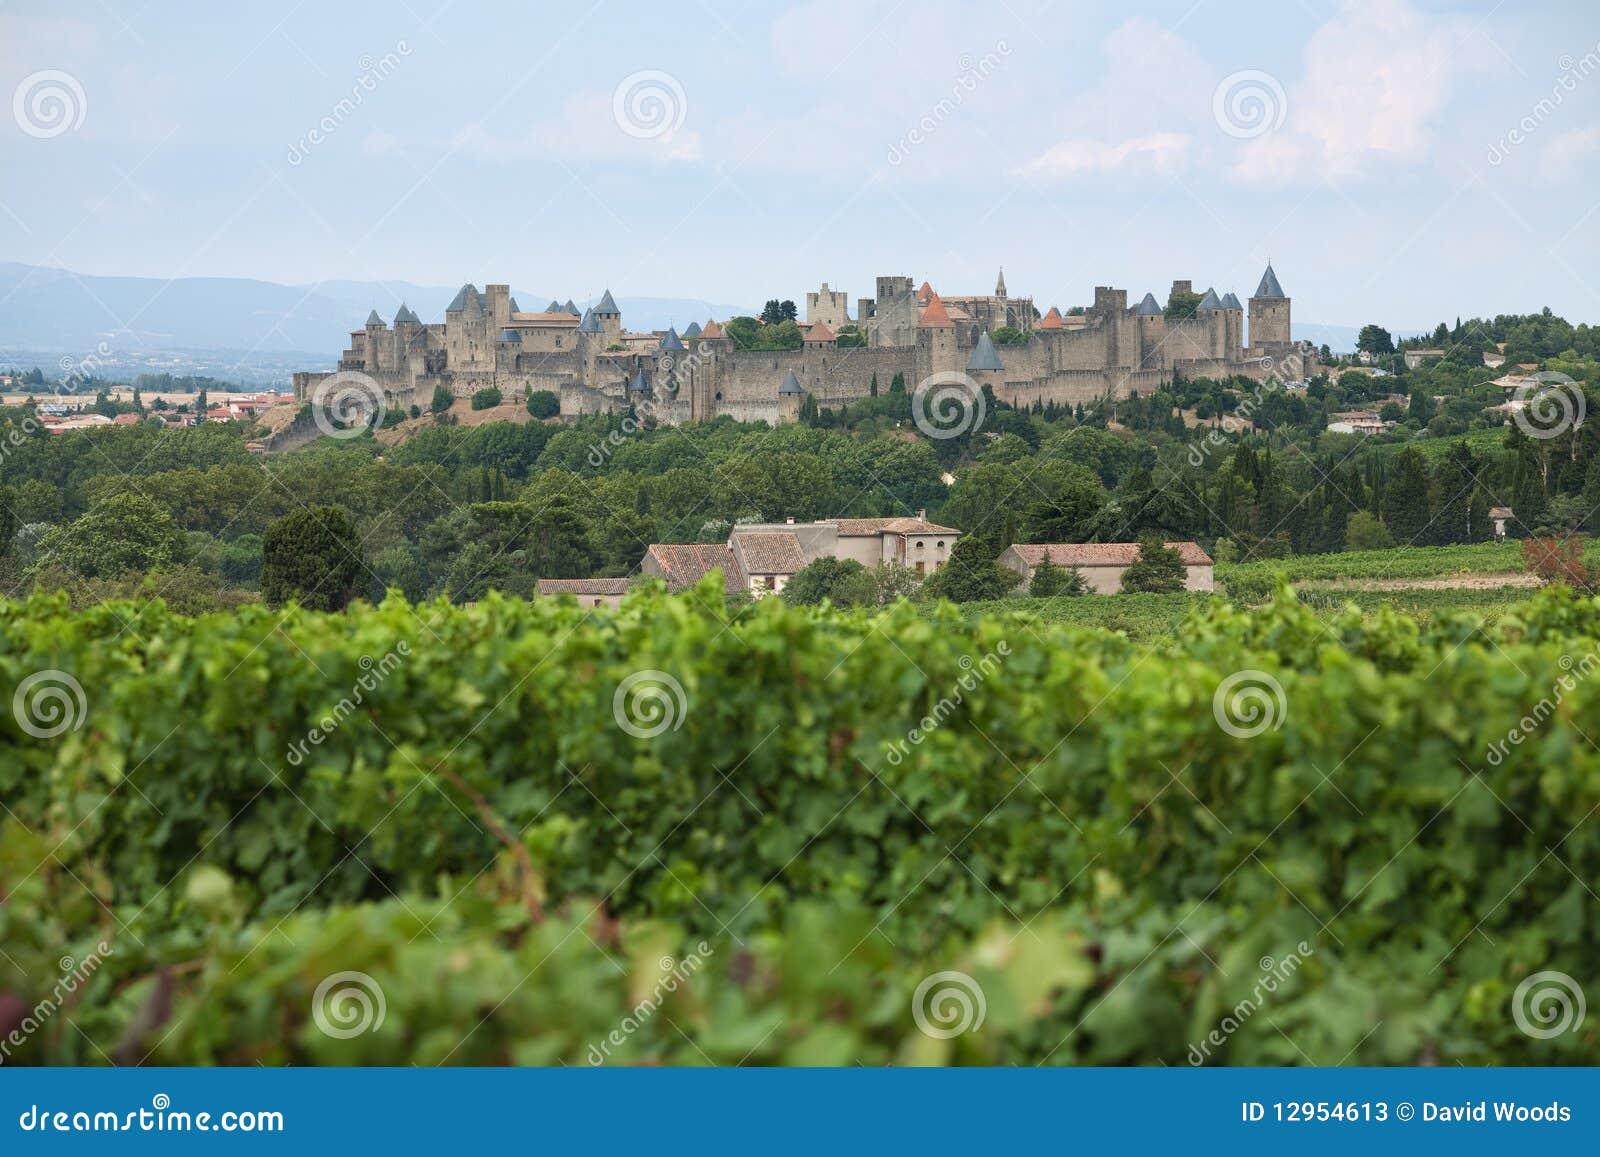 Carcassonne slott